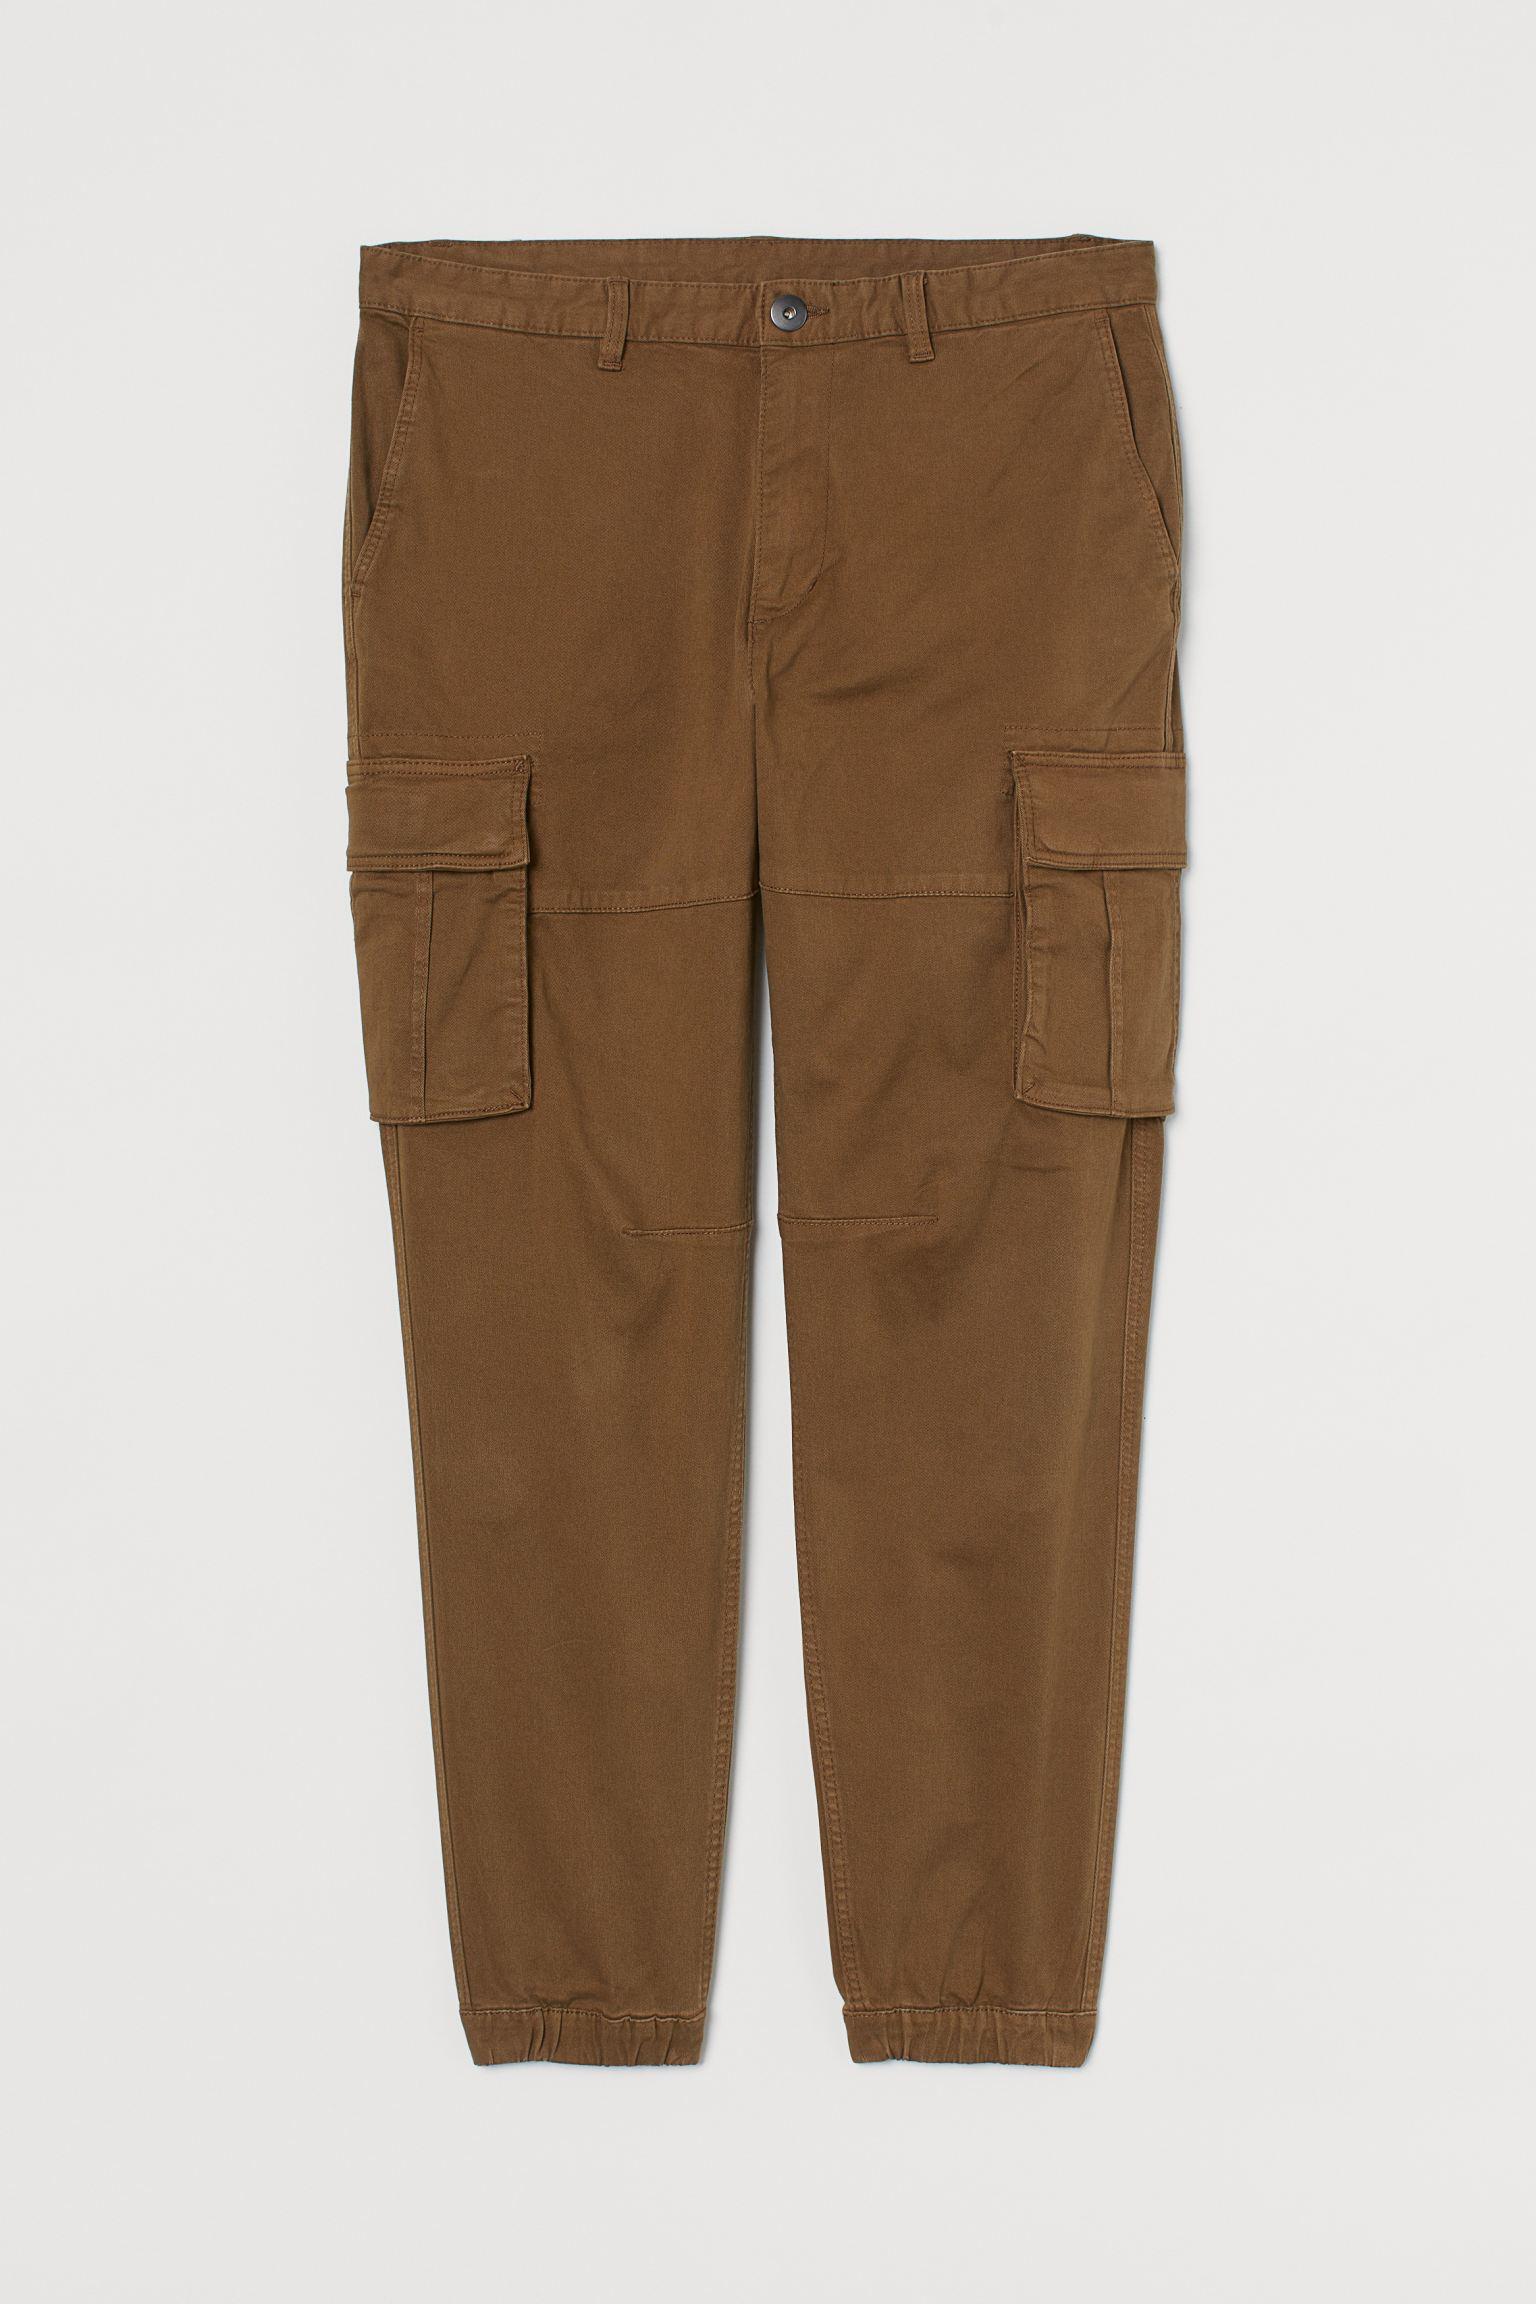 H&M Slim Fit Cargo Pants in brown